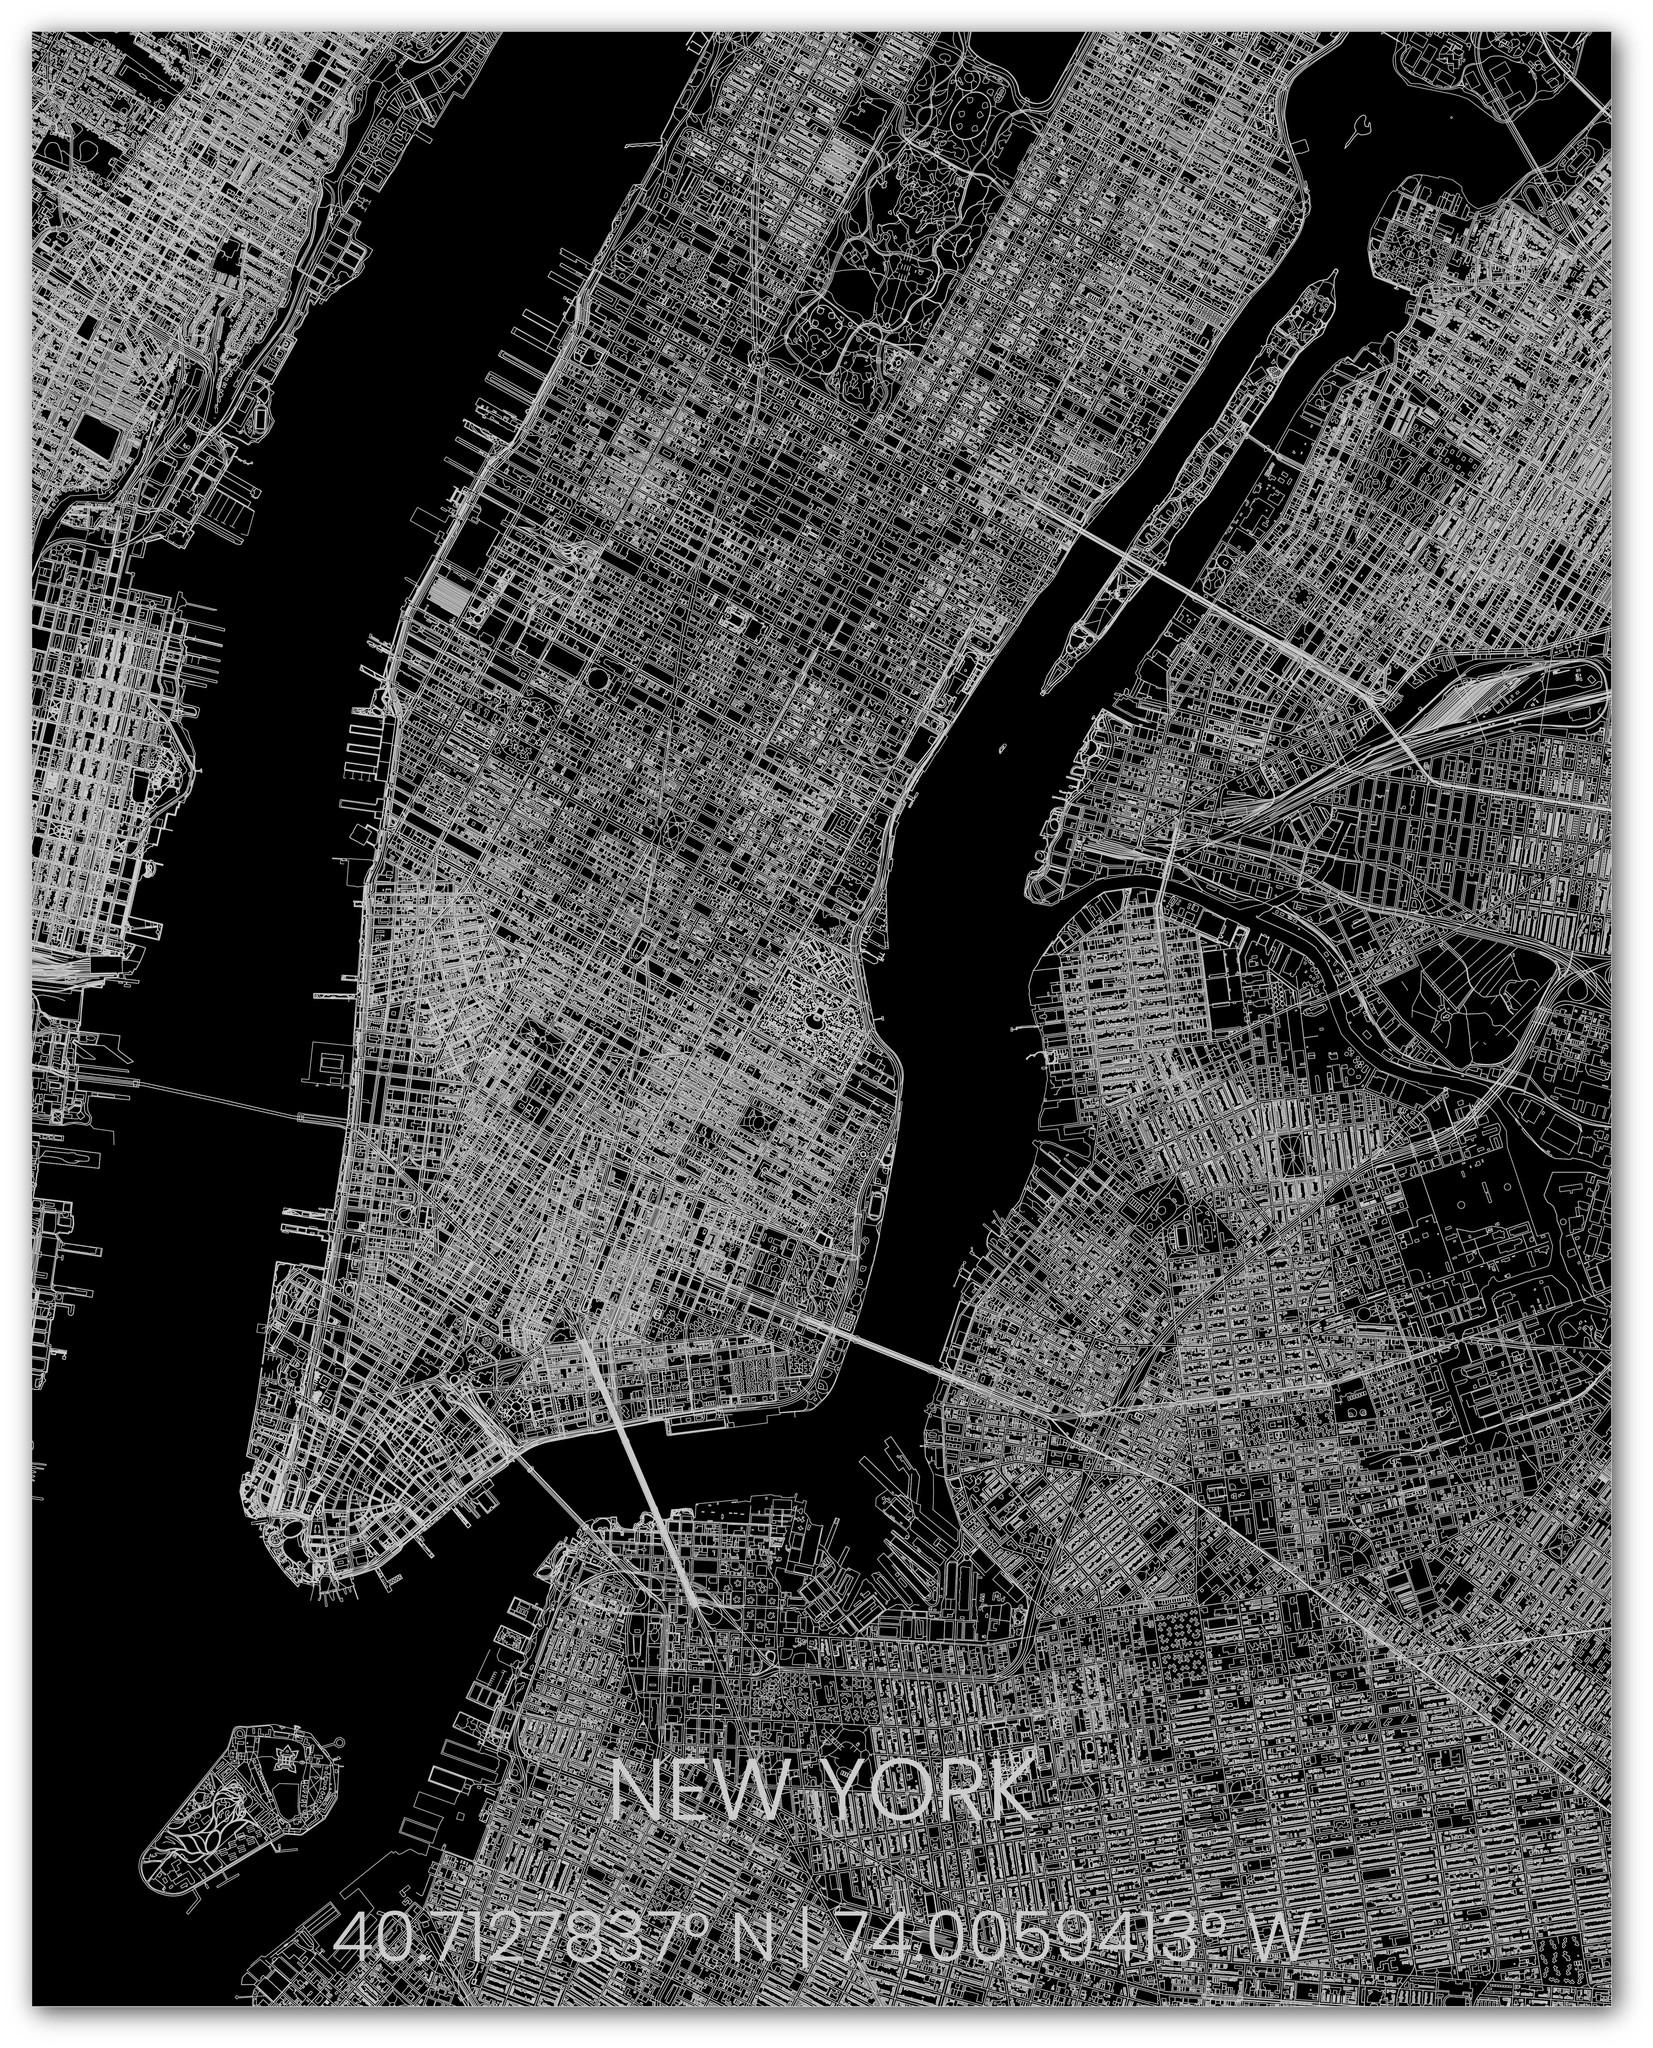 Metalen stadsplattegrond New York-2